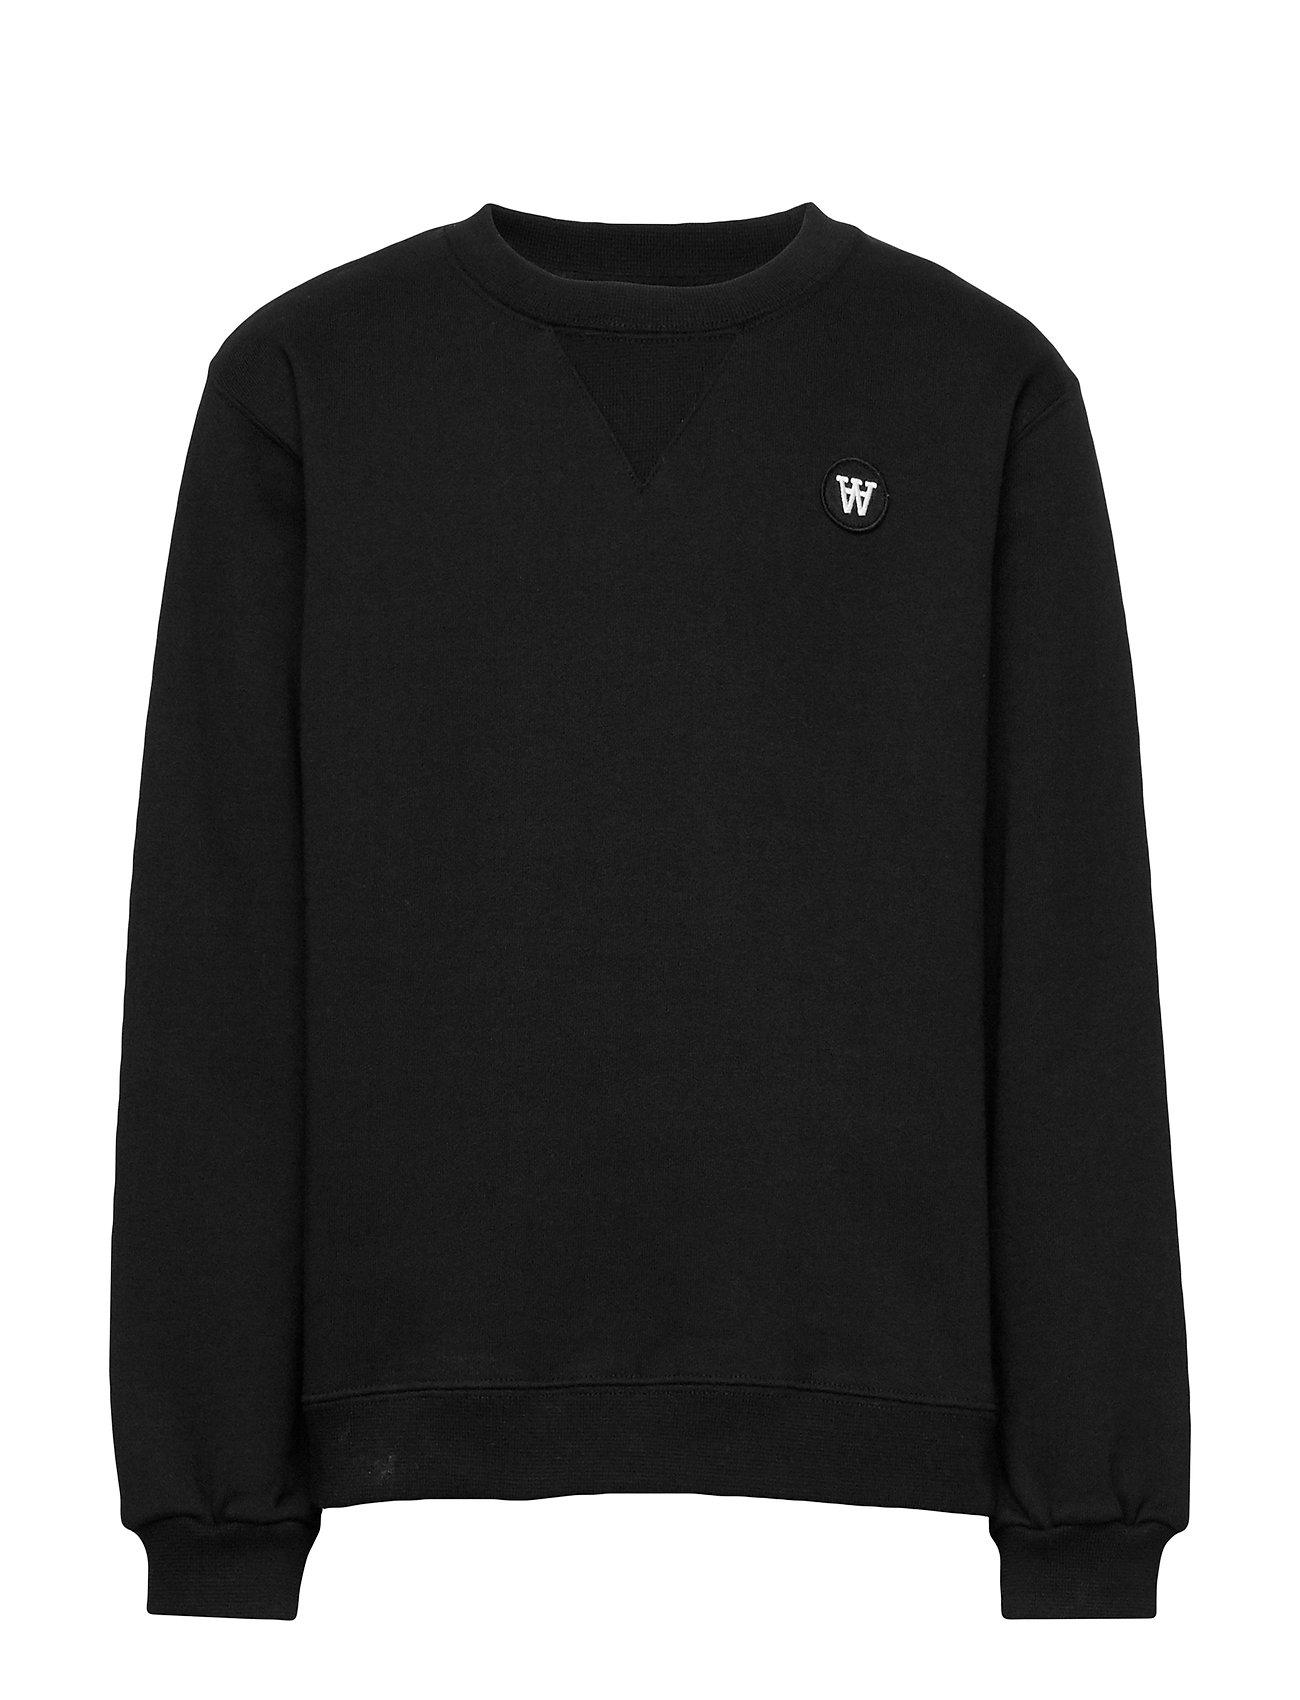 Wood Wood Rod kids sweatshirt - BLACK